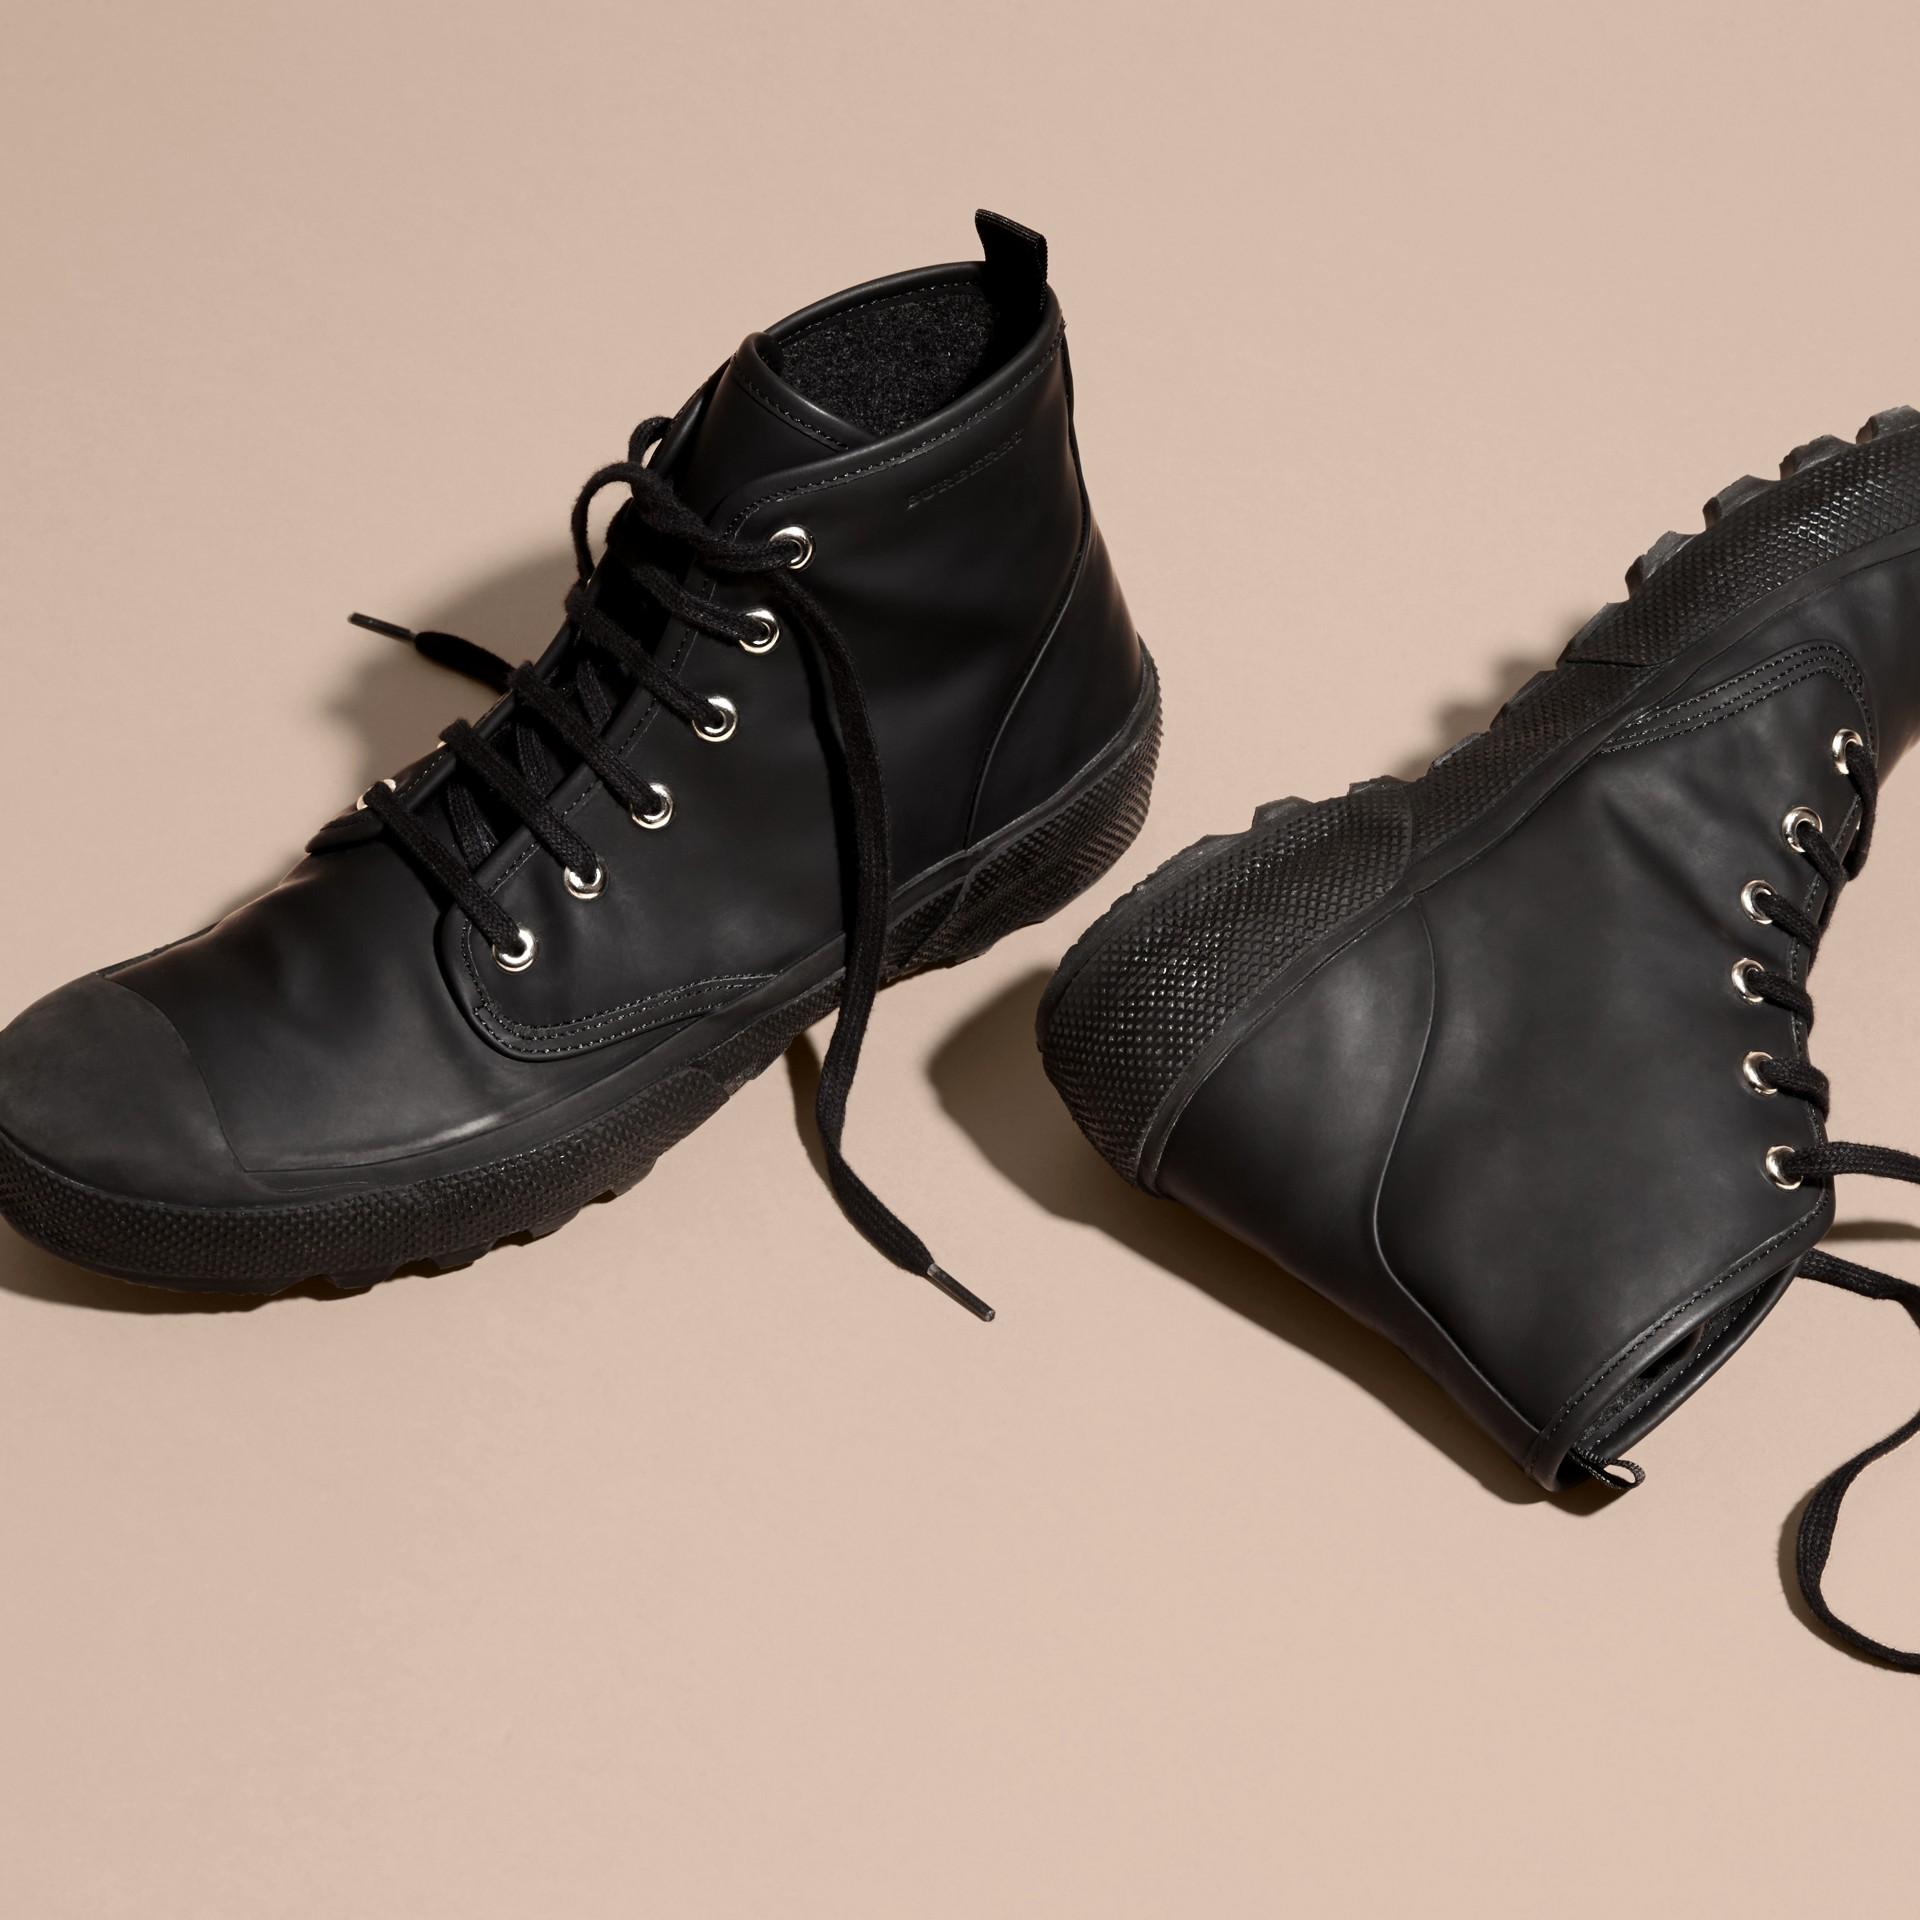 Nero Stivali con lacci in pelle gommata - immagine della galleria 3